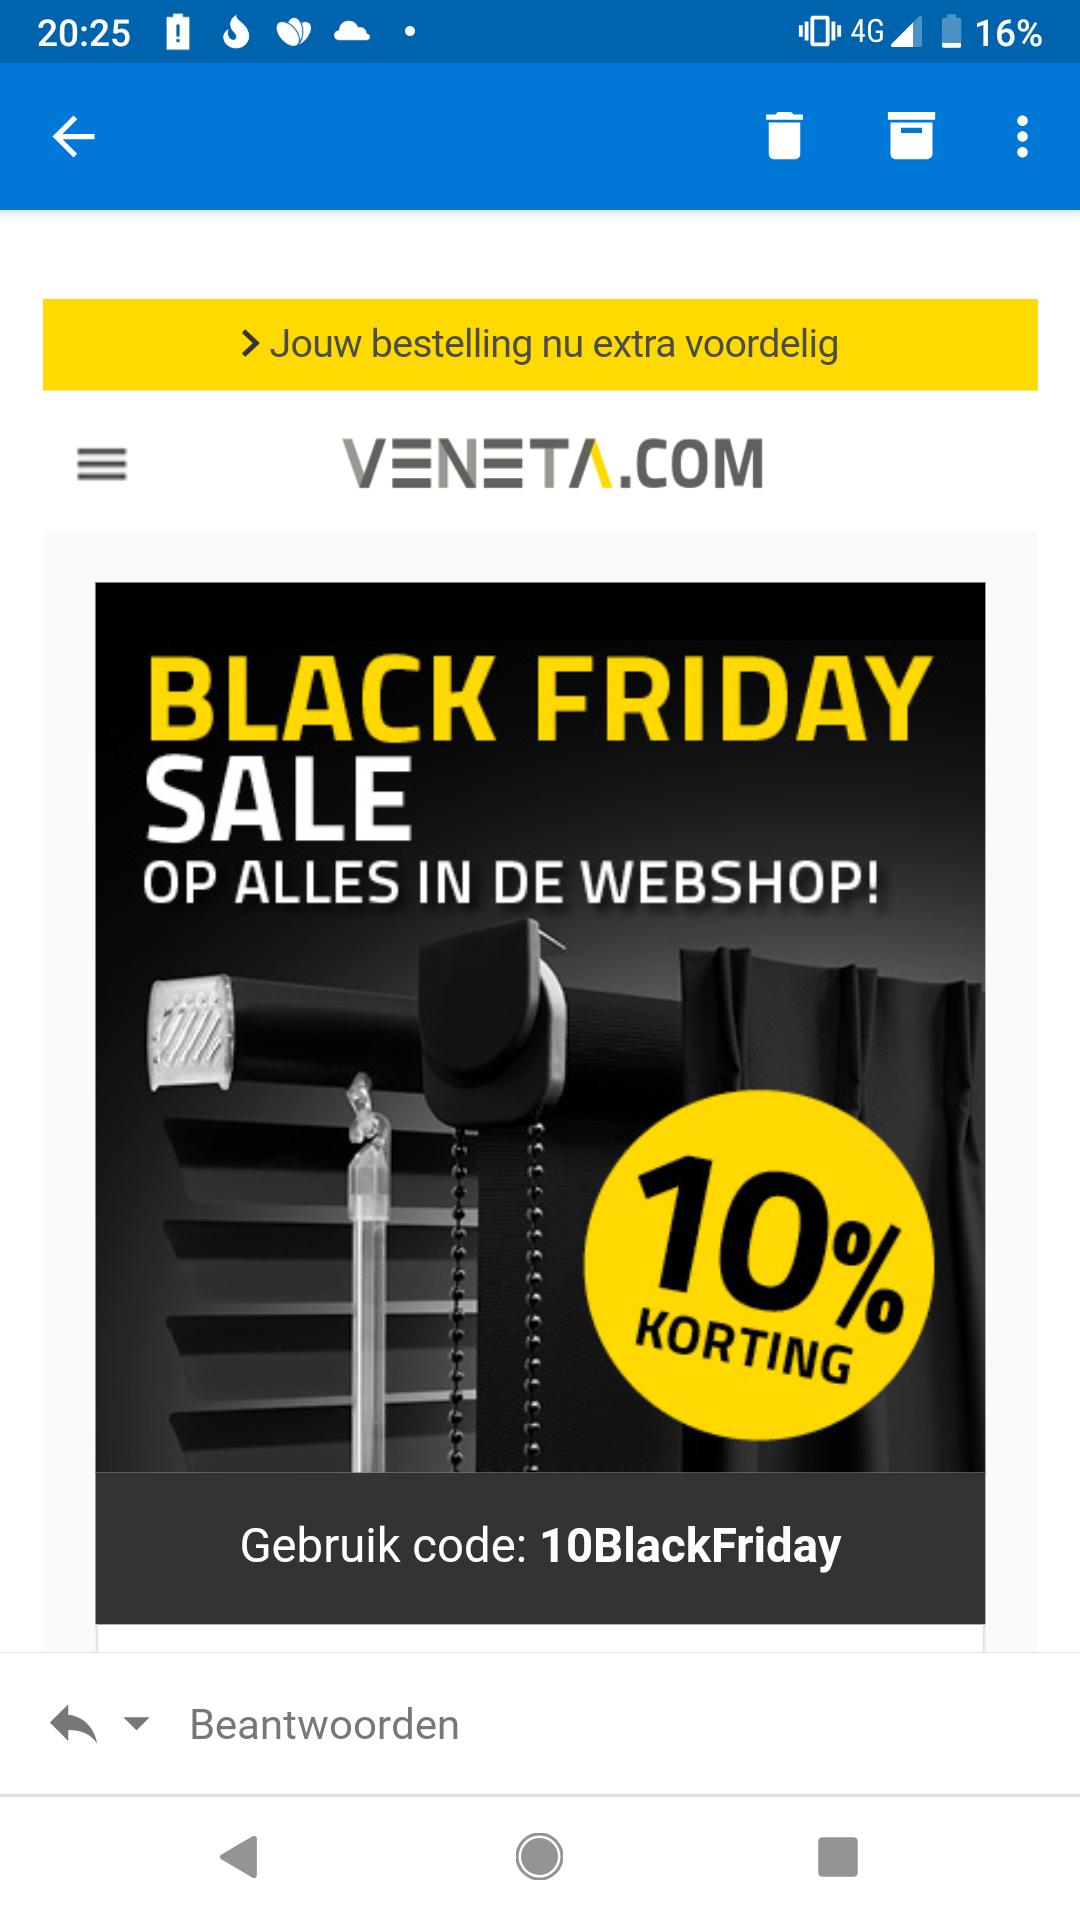 10% korting op alles bij Veneta